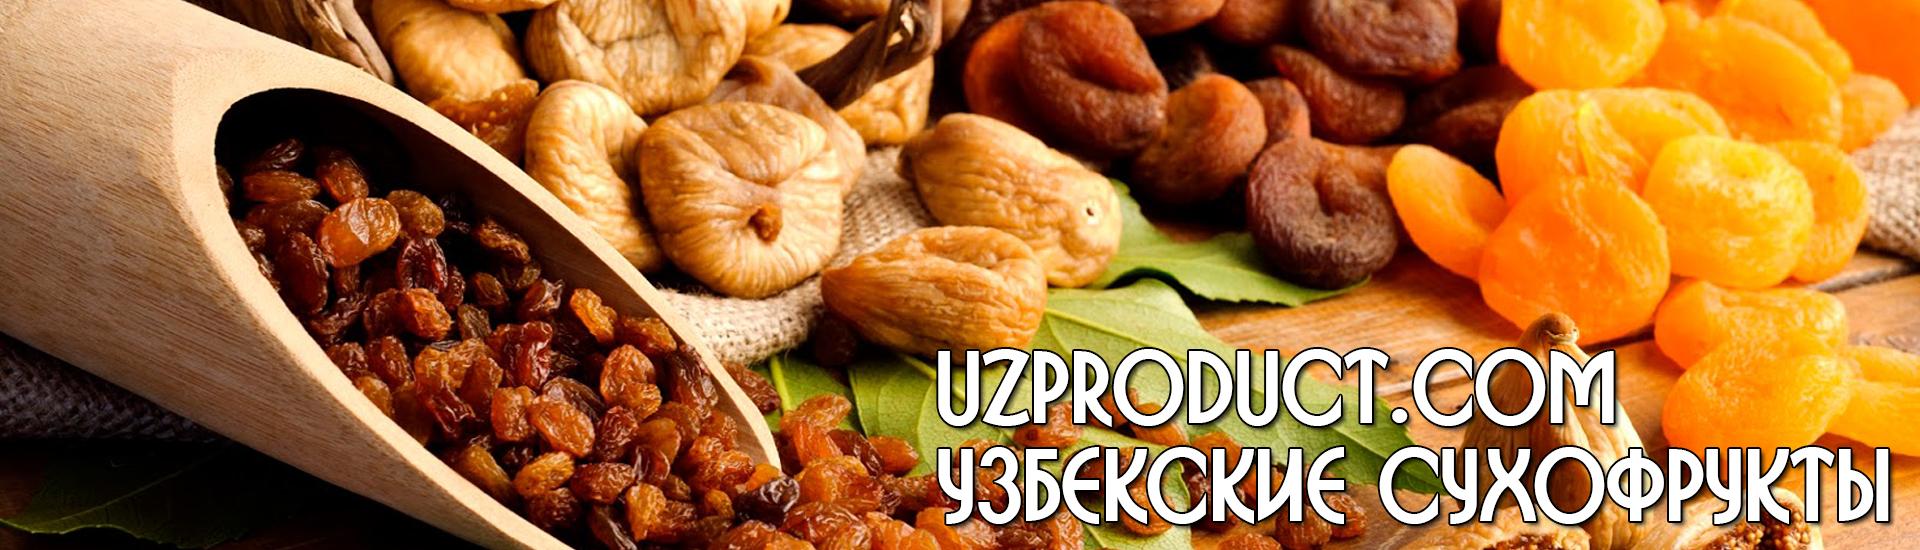 Узбекские сухофрукты